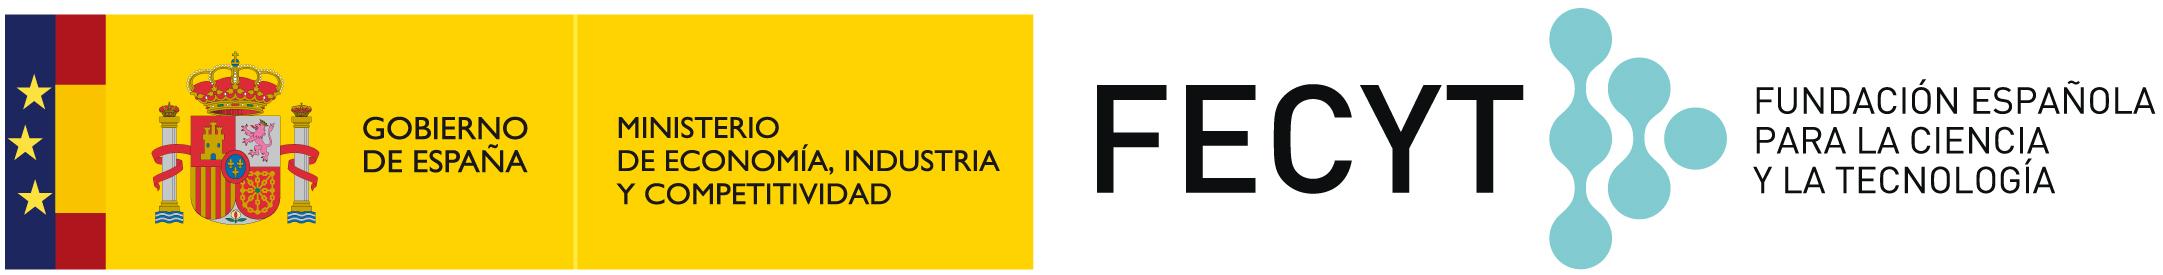 logo_MEIC_FECYT_Web.jpg